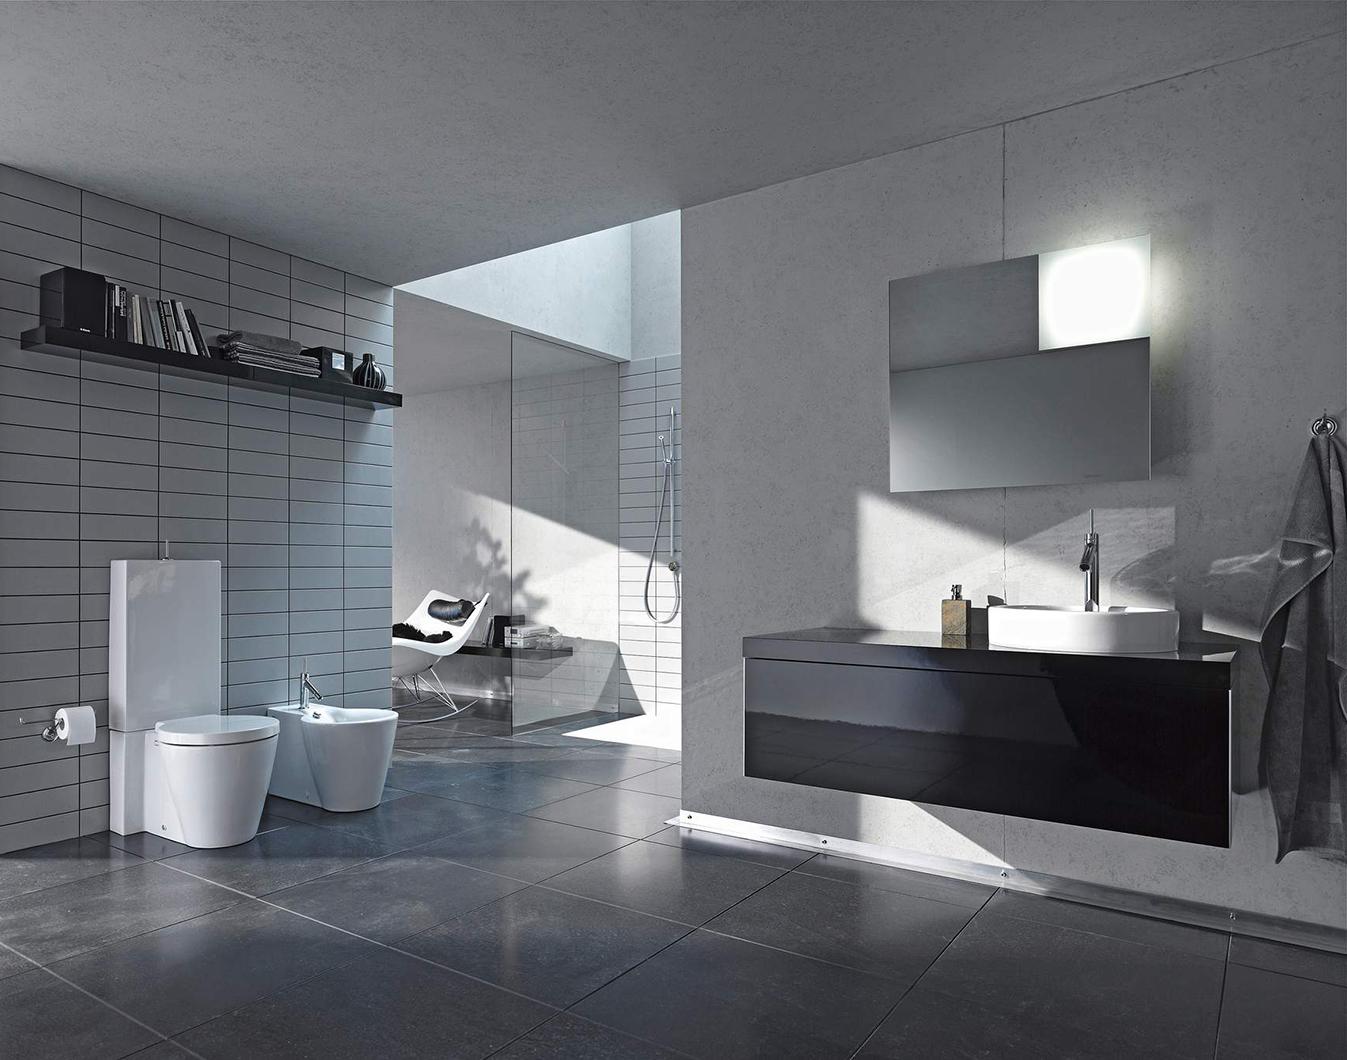 Dépannage en plomberie / sanitaire - Pro Dépannage